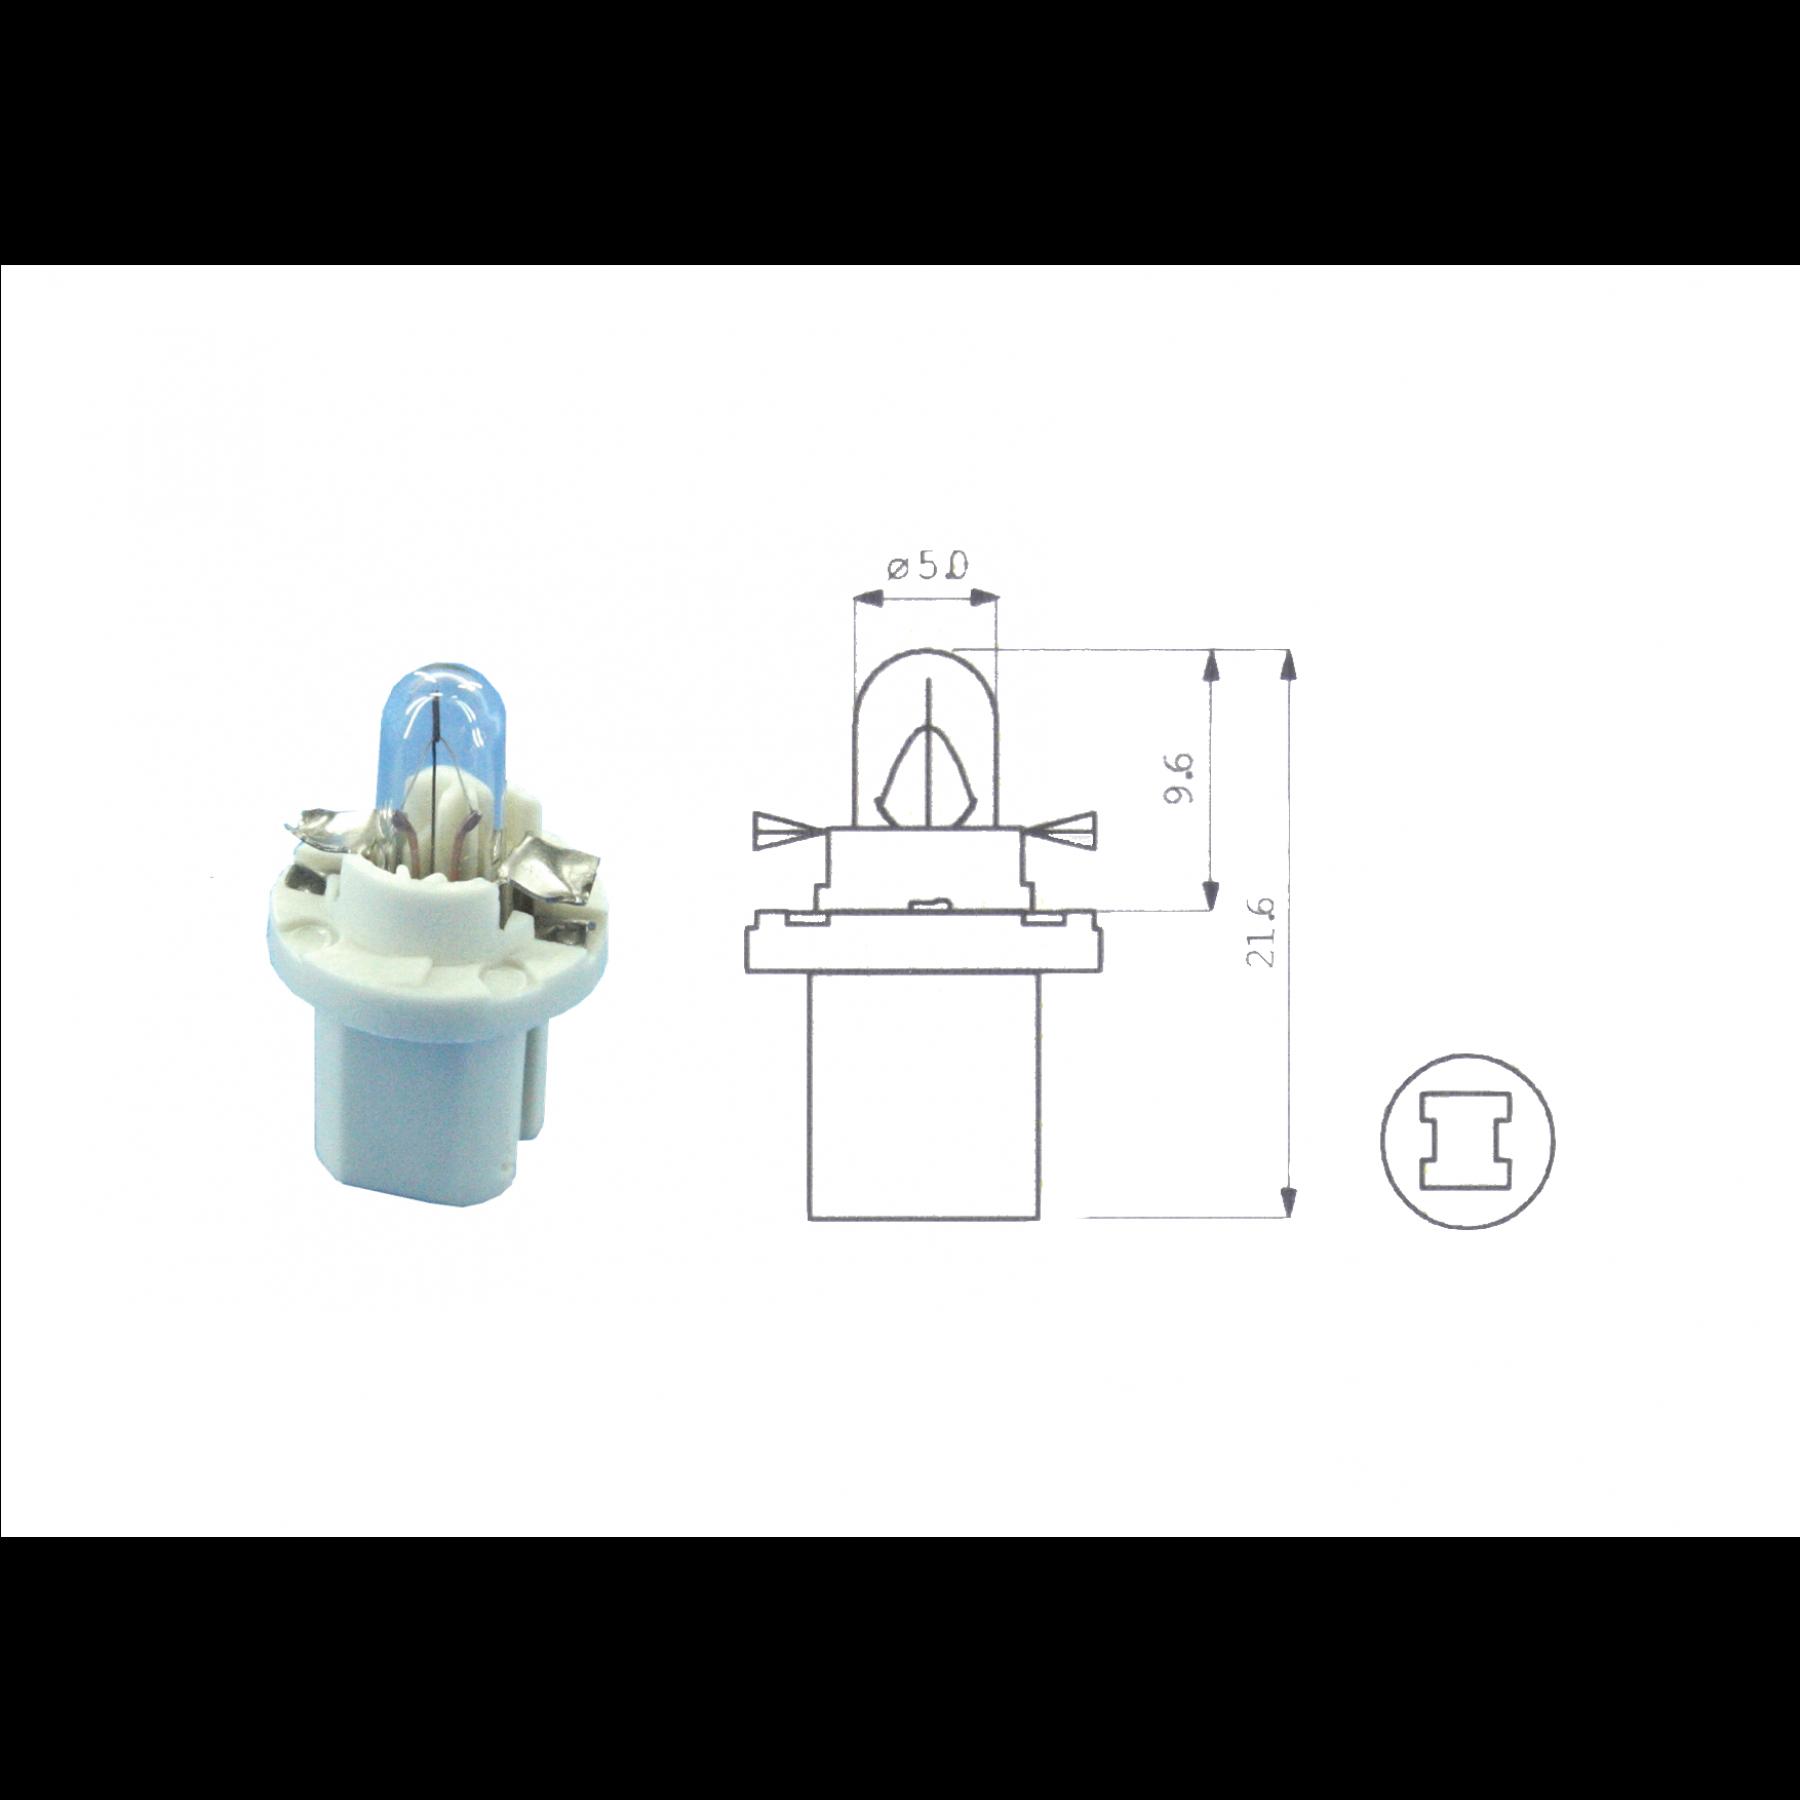 Lamp 12V 1.12W Wit BX8.5D kunststof fitting